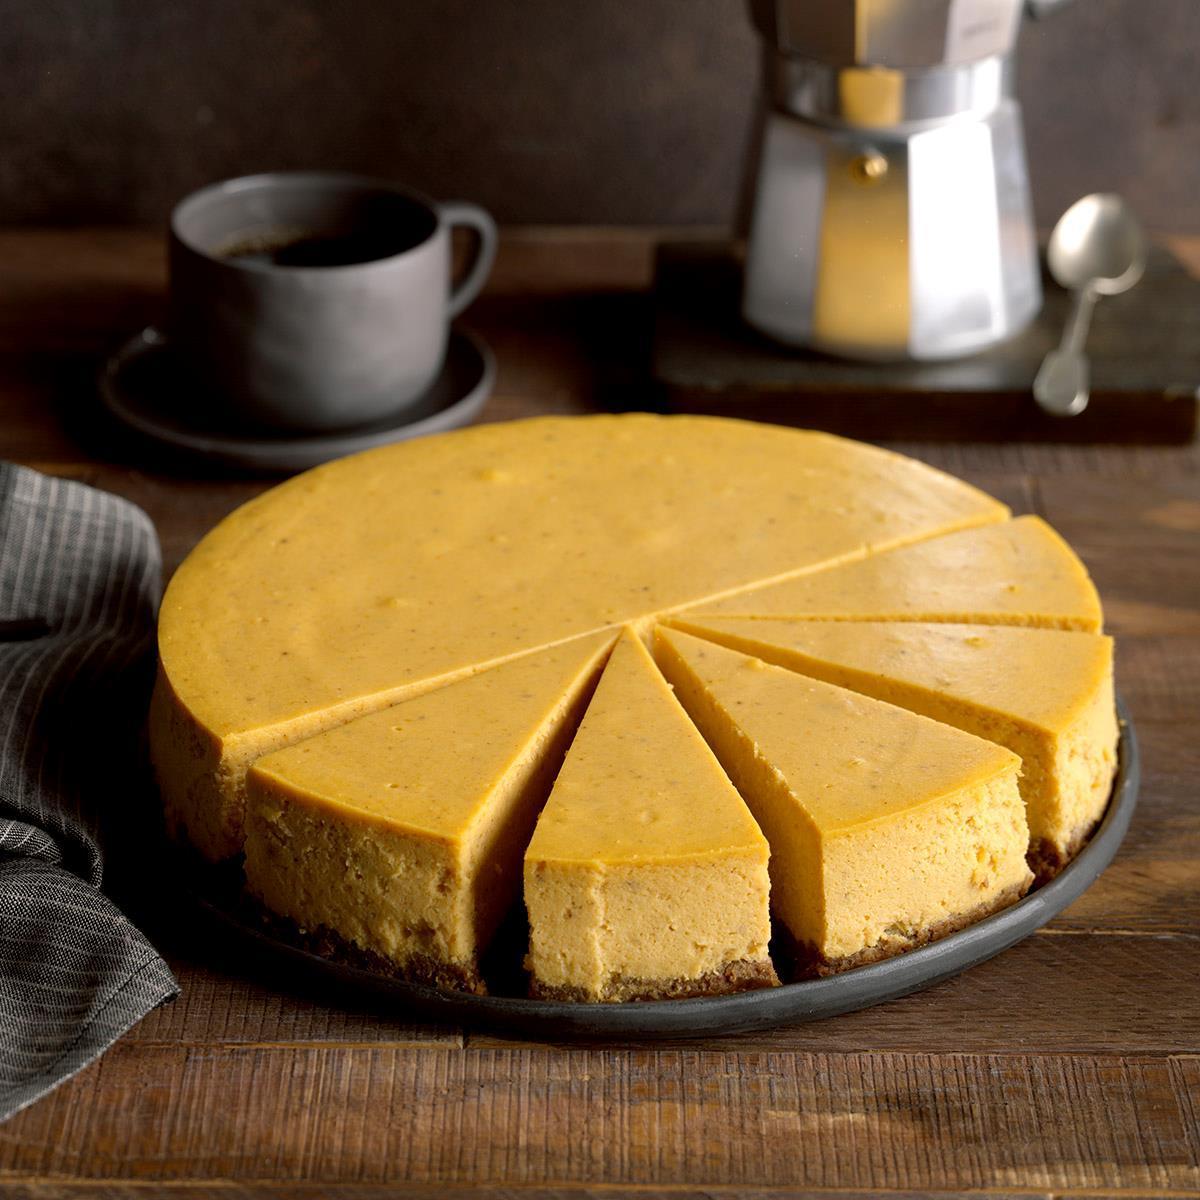 Receta de pastel de queso con calabaza y especias | Sabor de casa